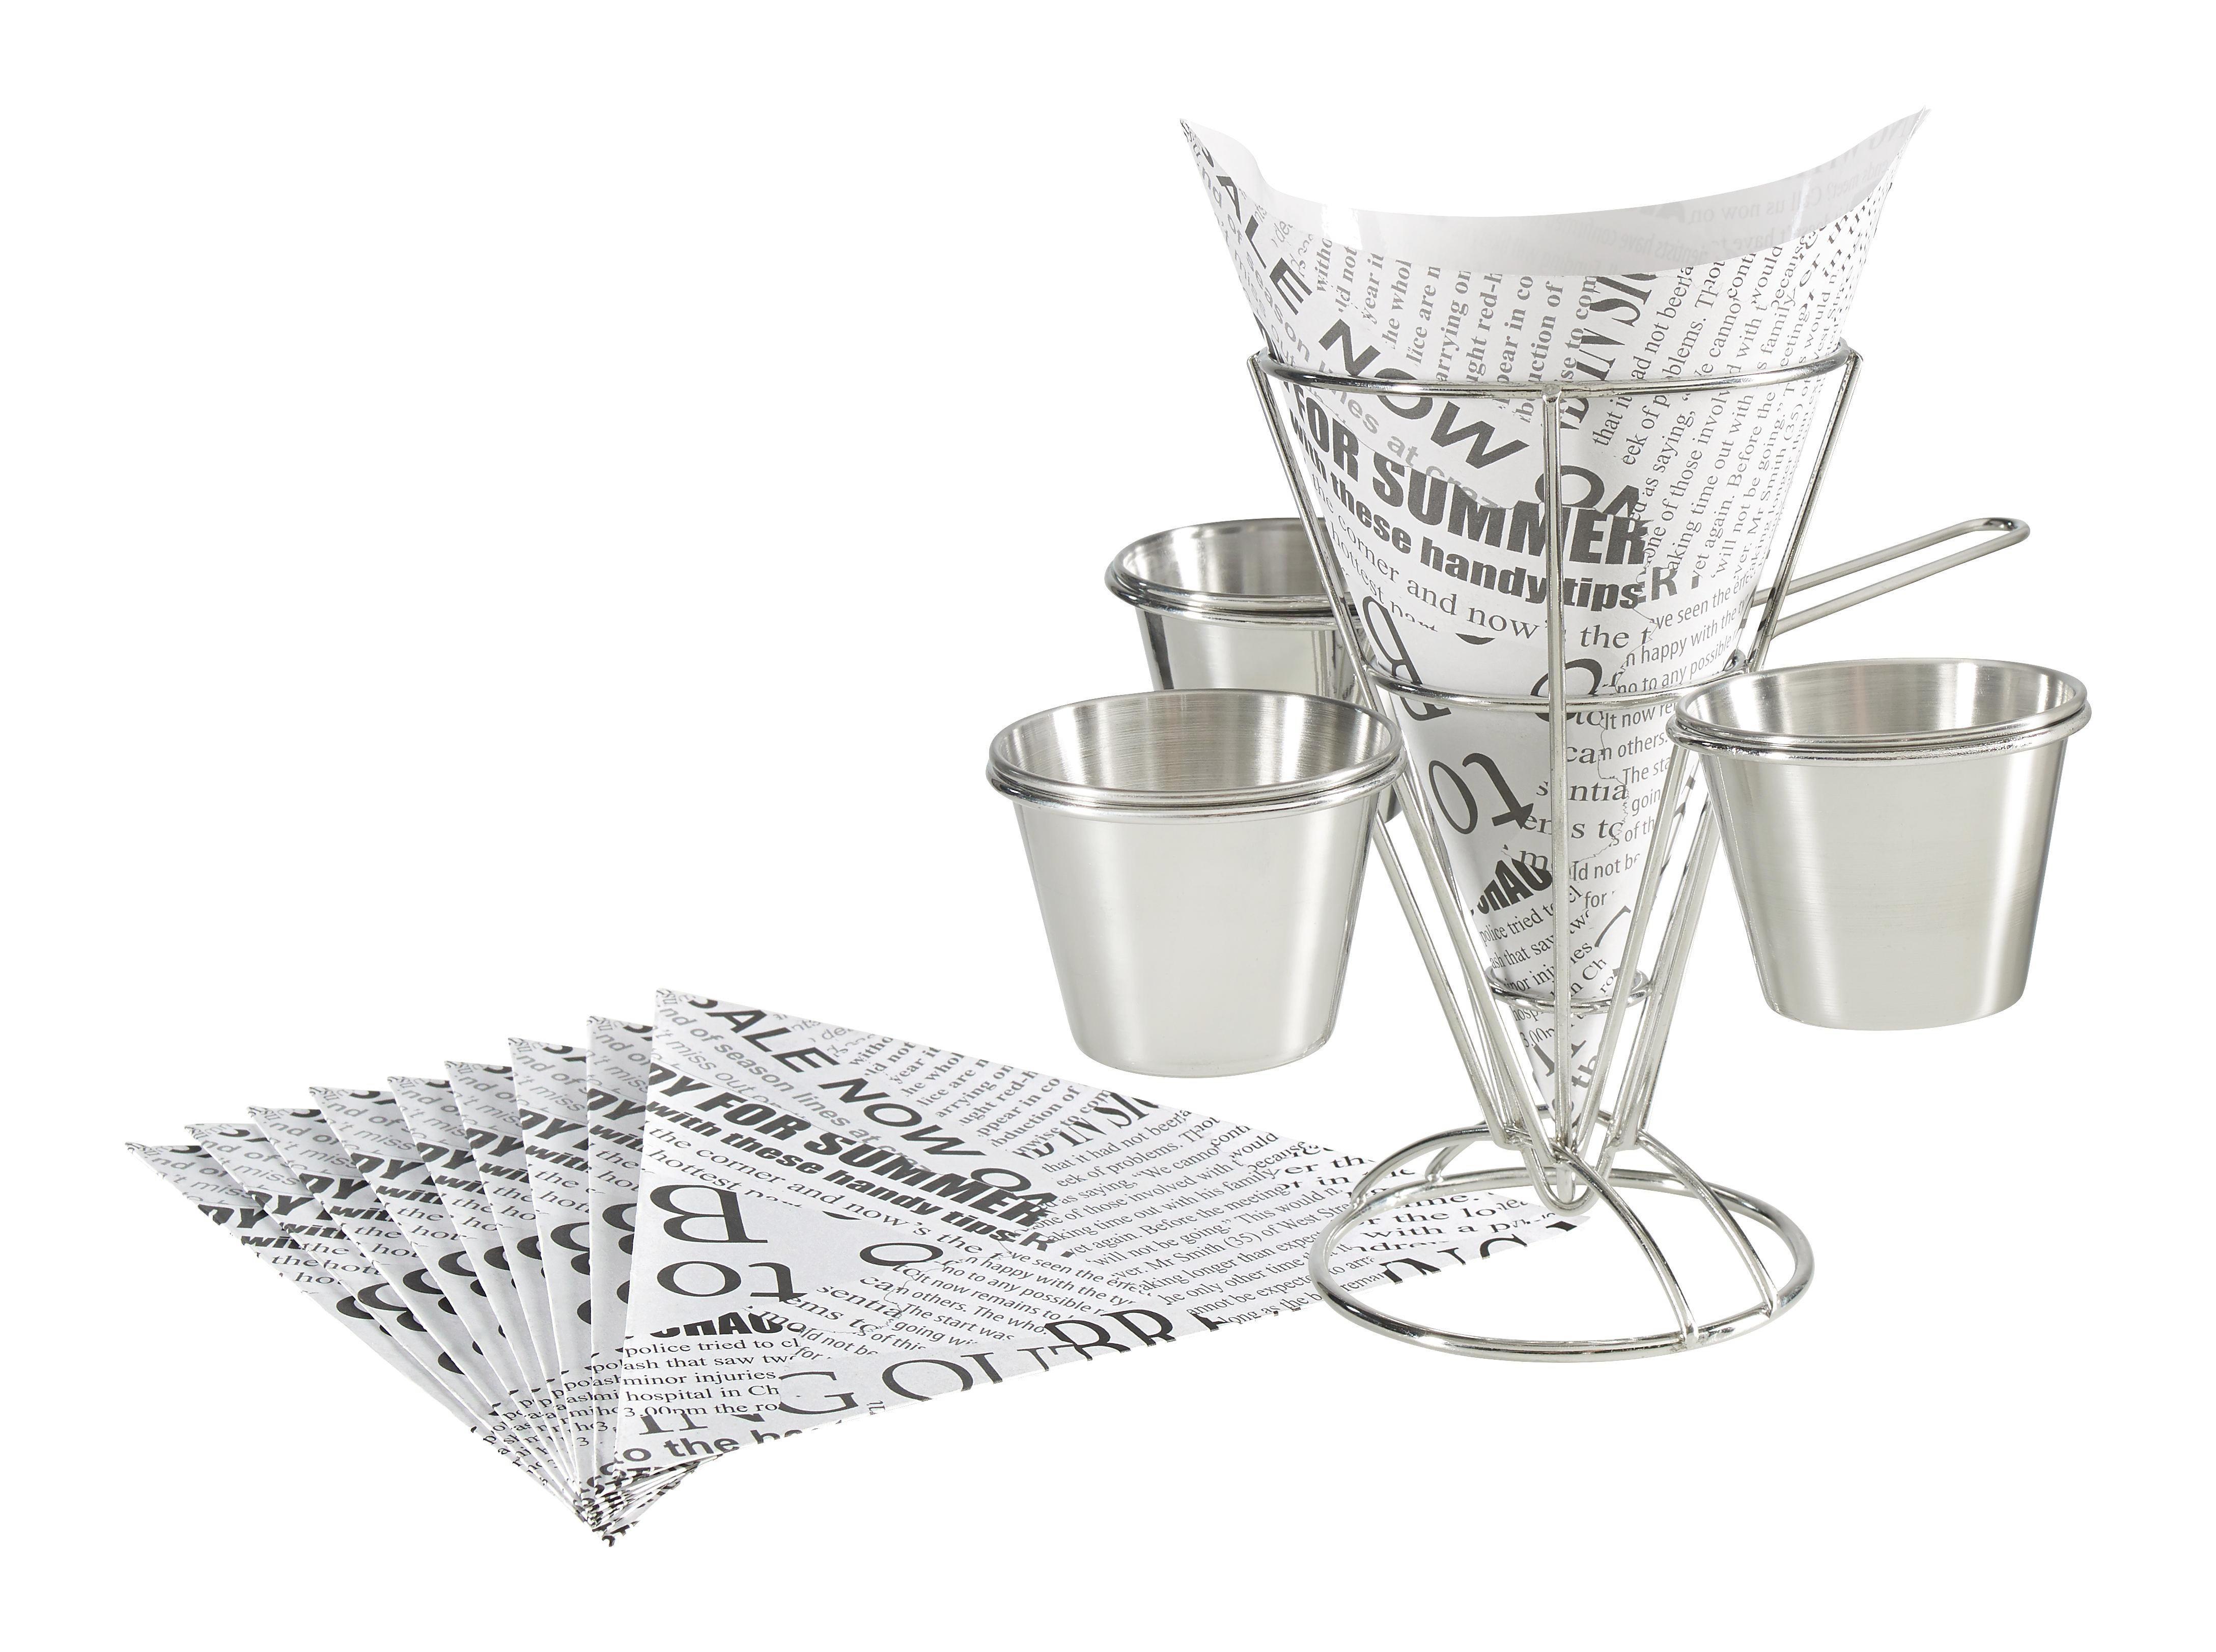 POMMESTÜTE - Edelstahlfarben/Weiß, Basics, Papier/Metall (23,5/24/16,5cm) - HOMEWARE